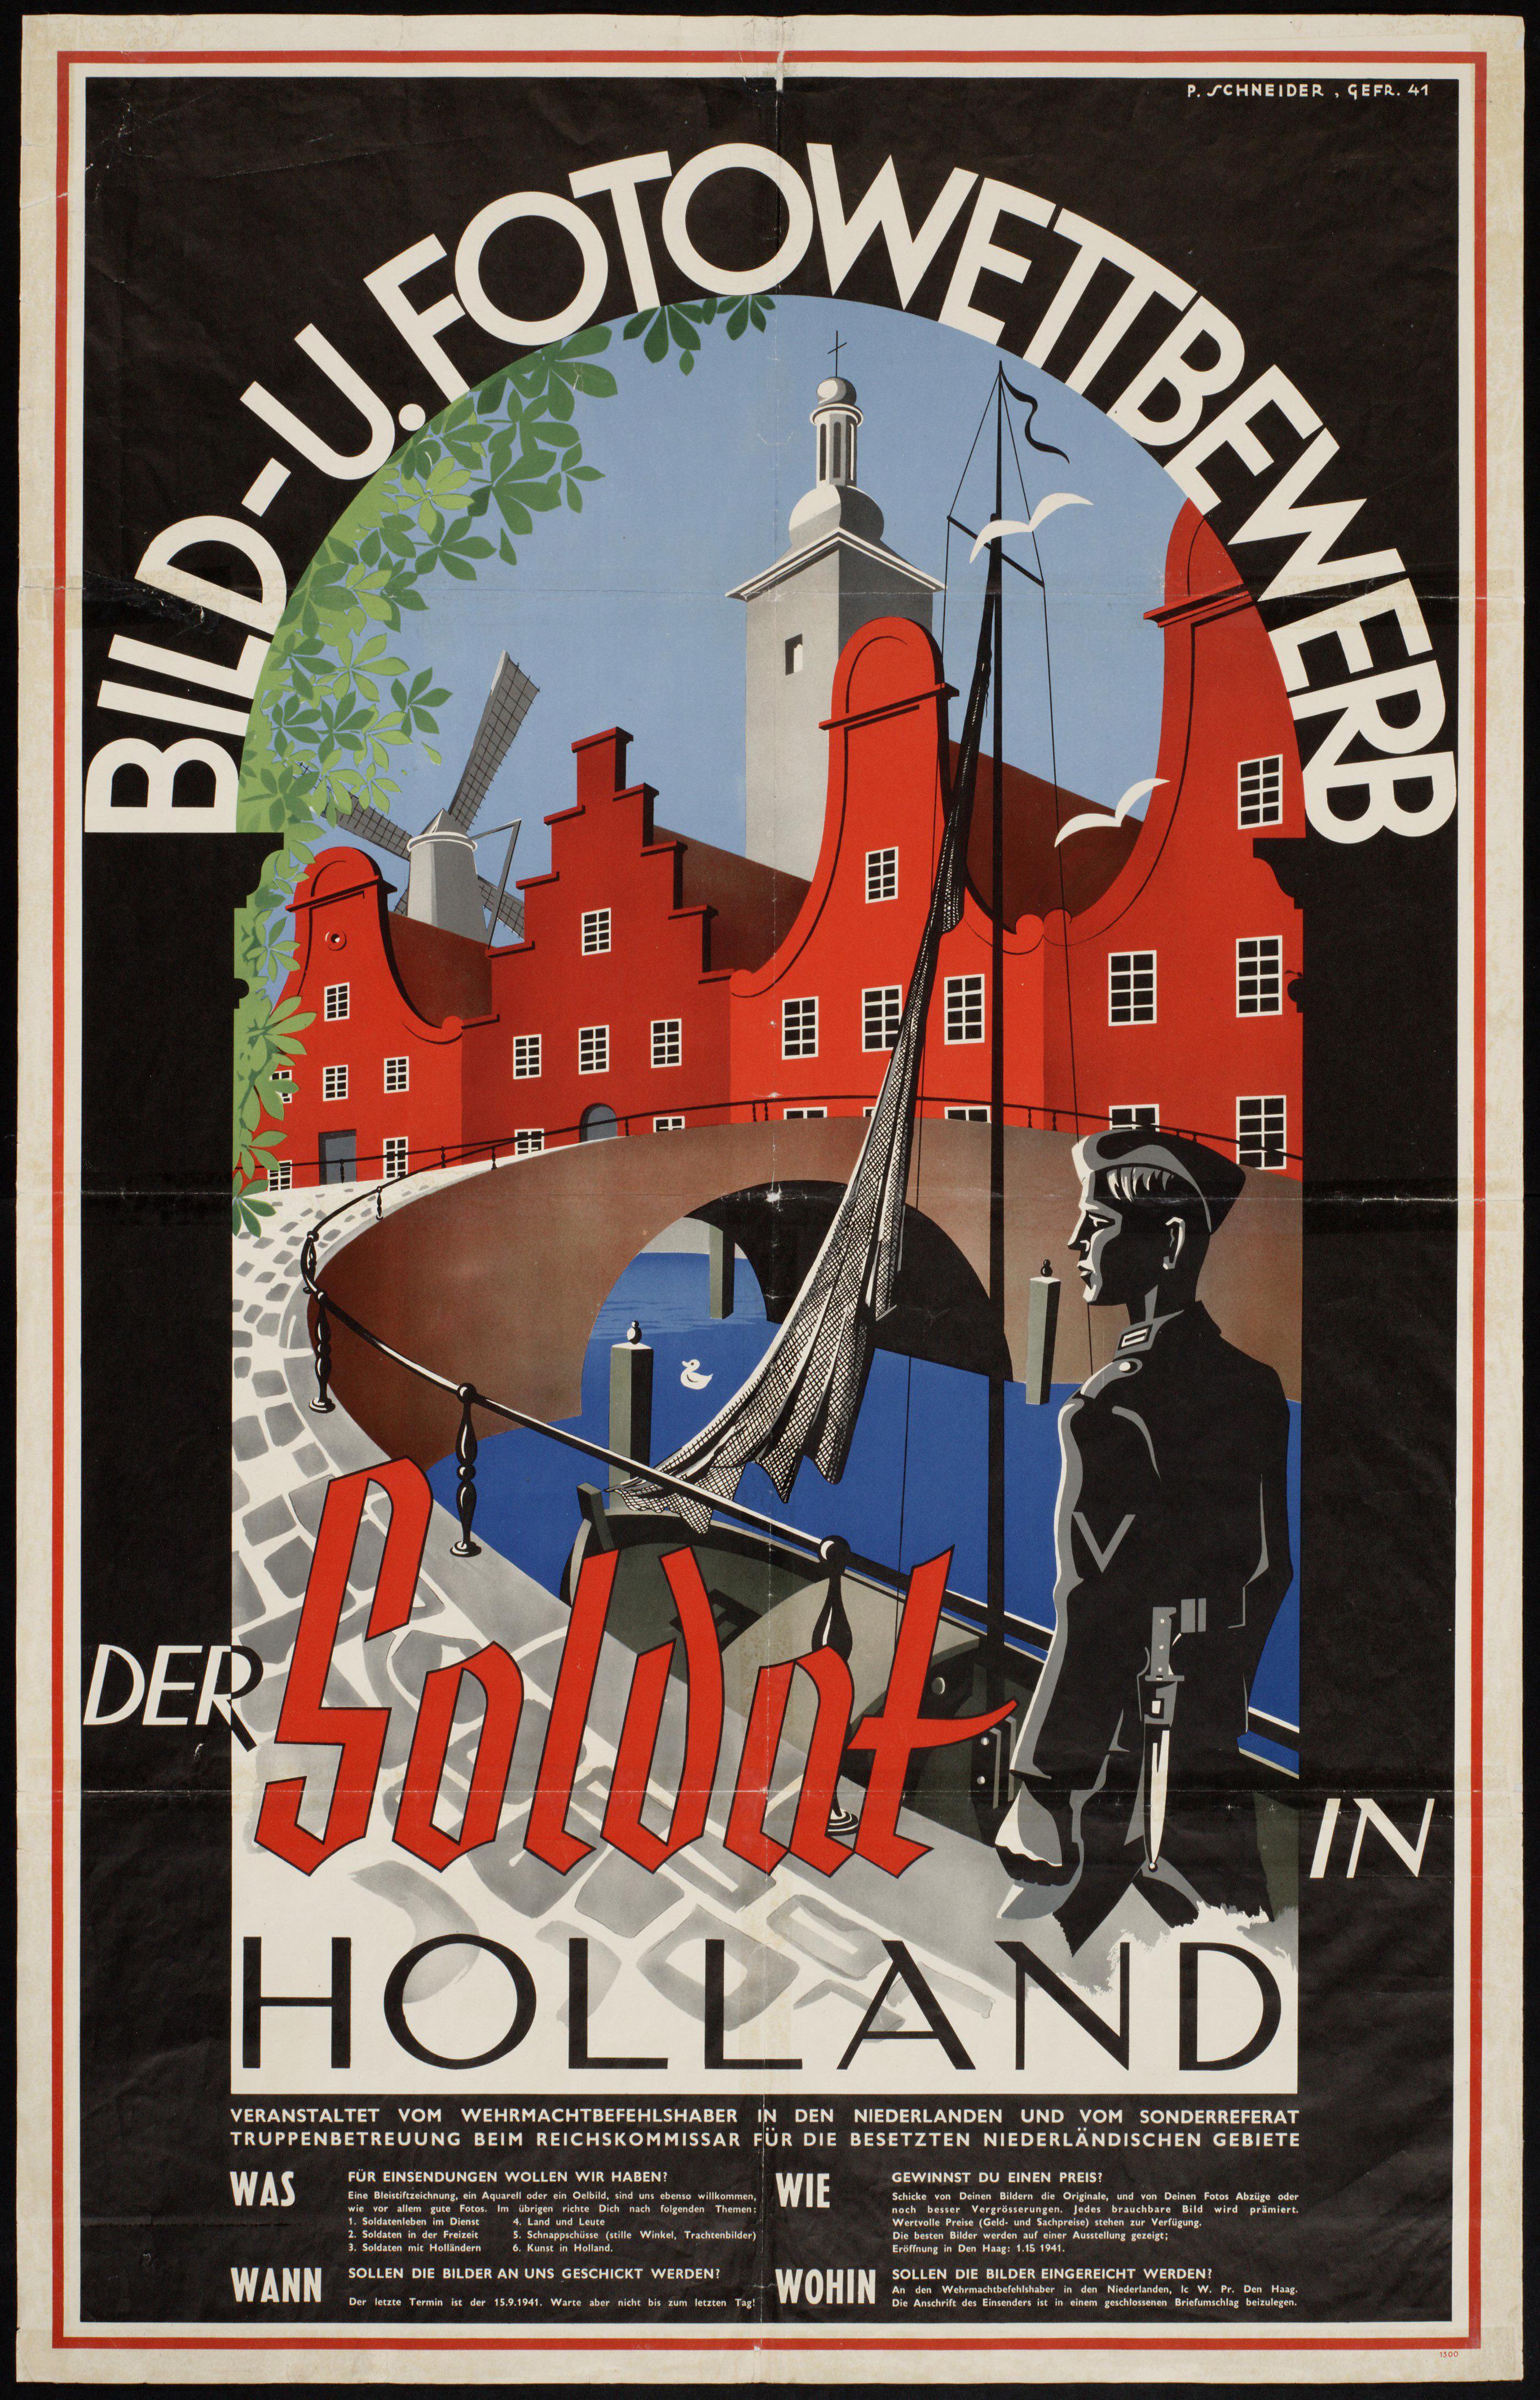 Affiche voor de tentoonstelling Der Soldat in Holland, die vanaf oktober 1941 in Den Haag te zien was